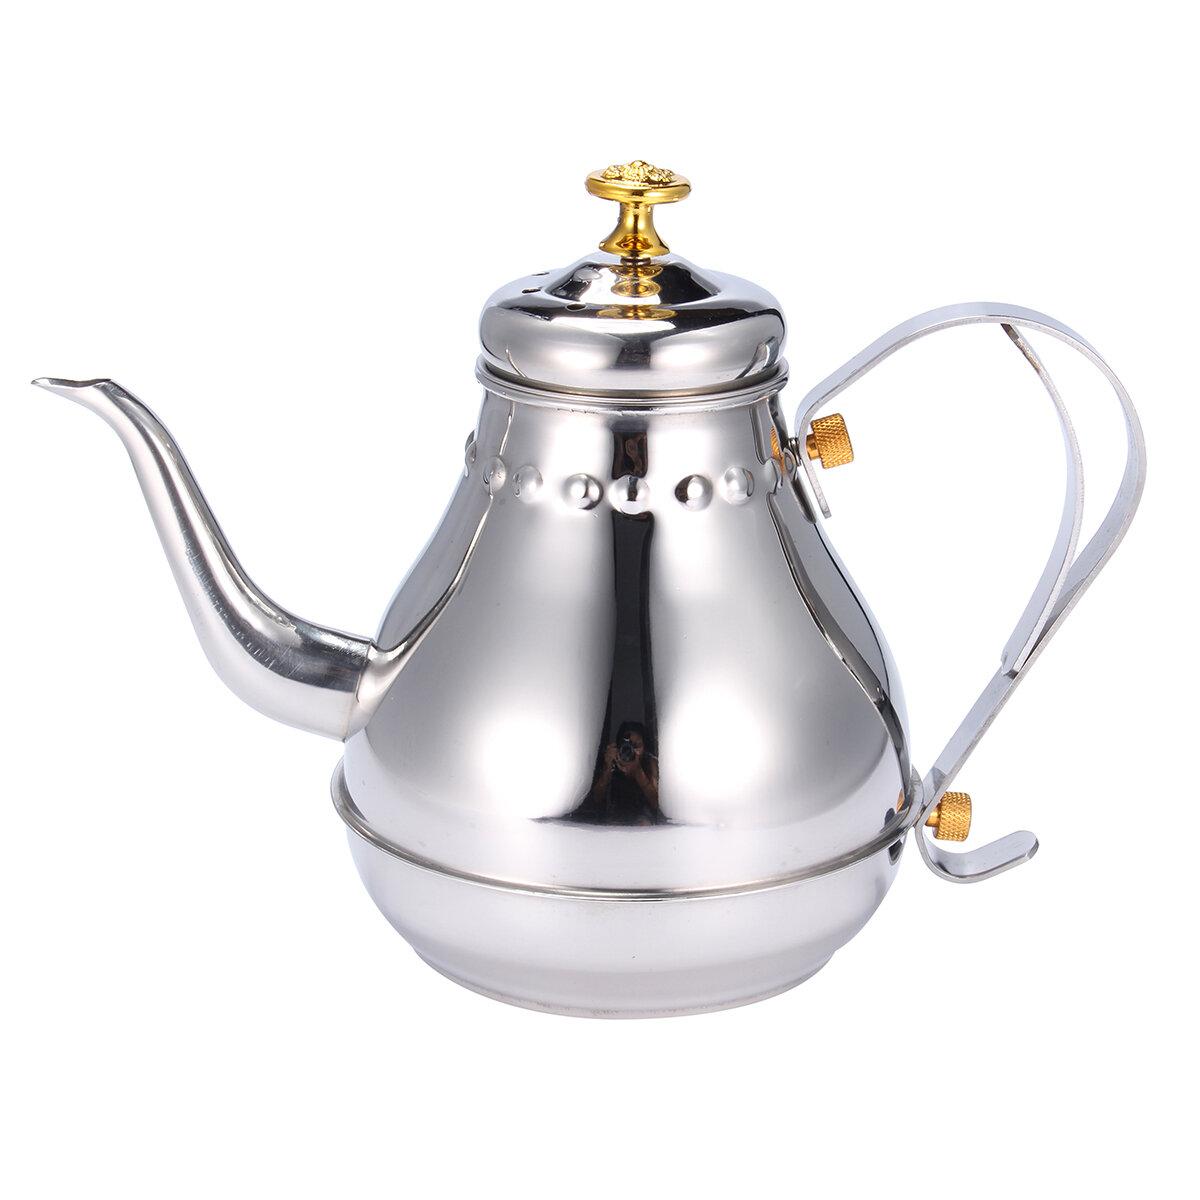 Чайники Чай капельного кофе из нержавеющей стали серебряной емкости 1.2Л Бак Чайхаус